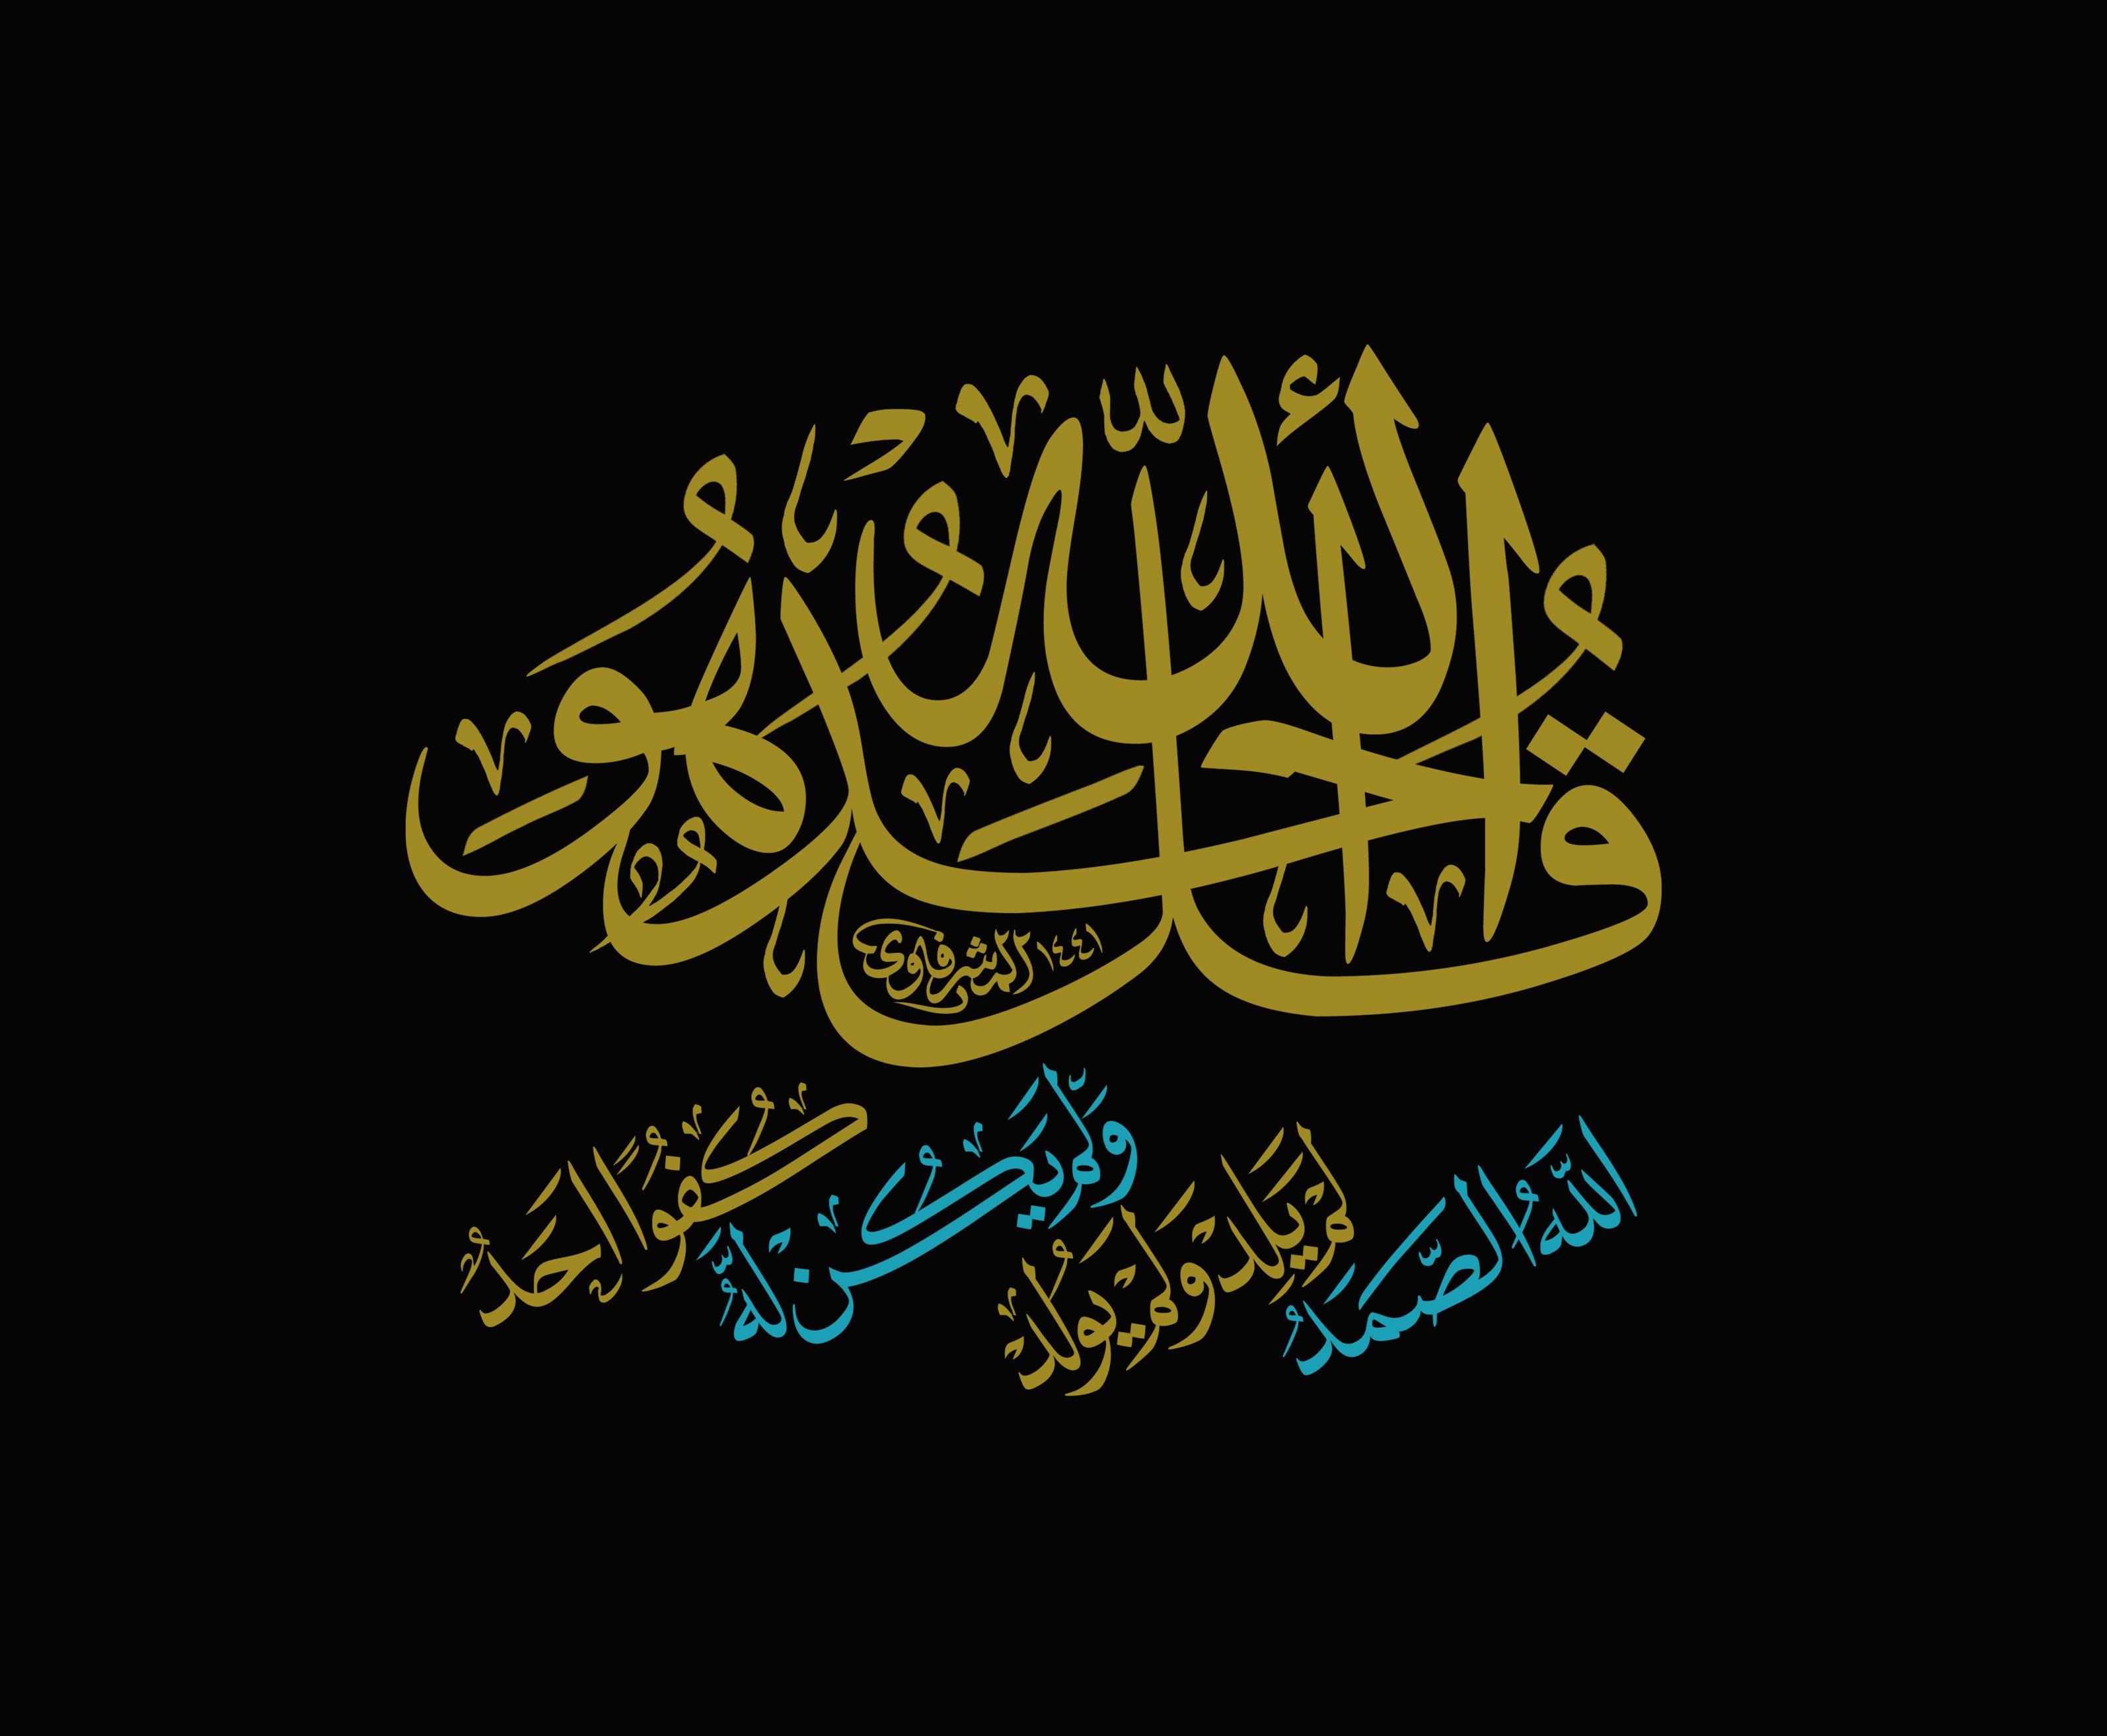 سورة الإخلاص المباركة Islamic Art Calligraphy Islamic Art Calligraphy